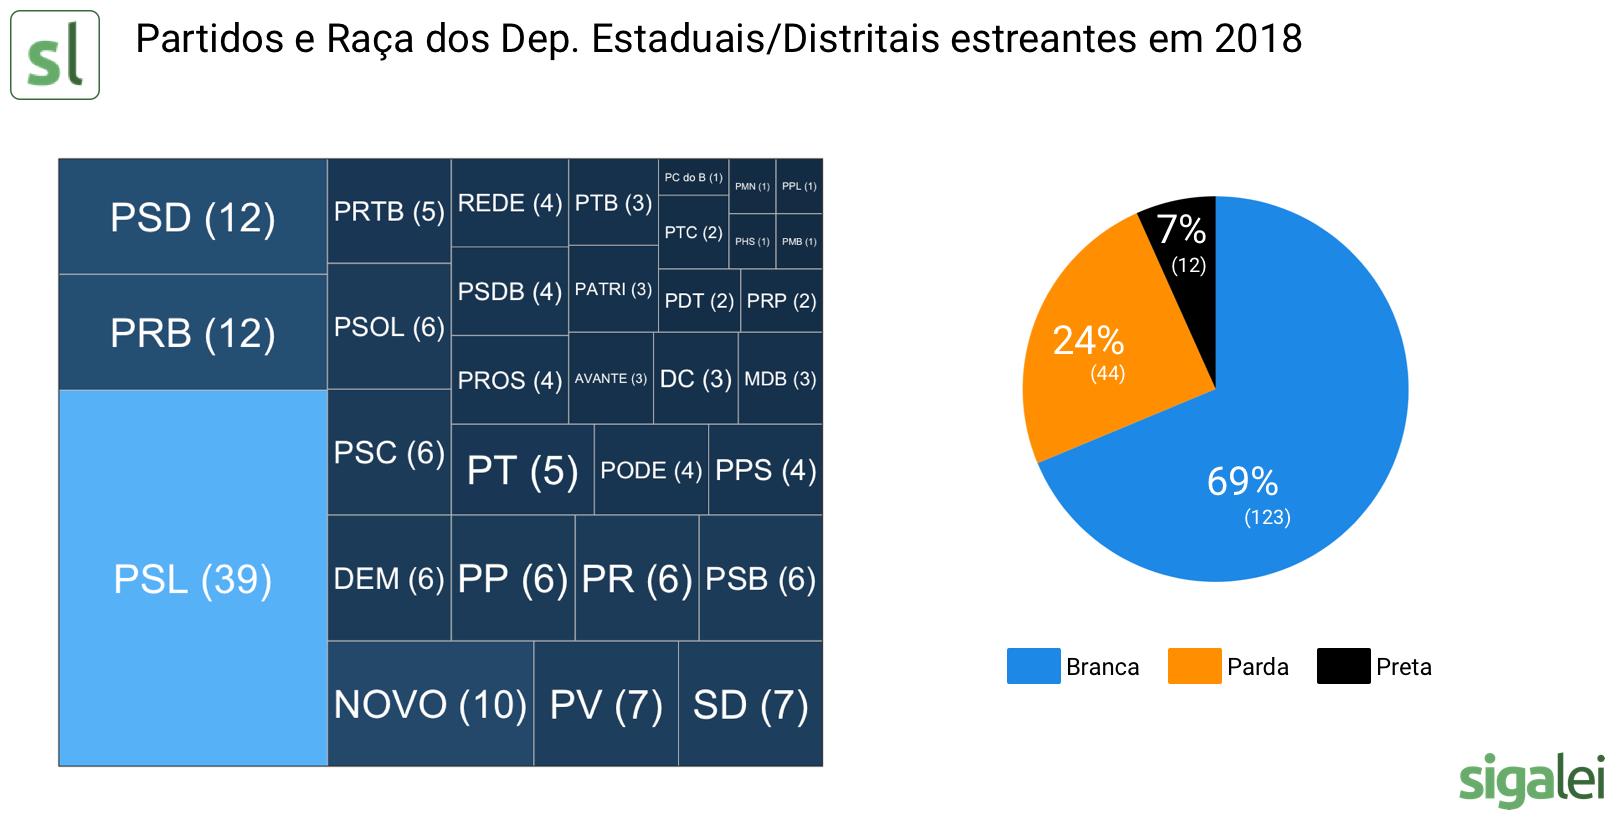 Dados de raça e partidos dos deputados estreantes